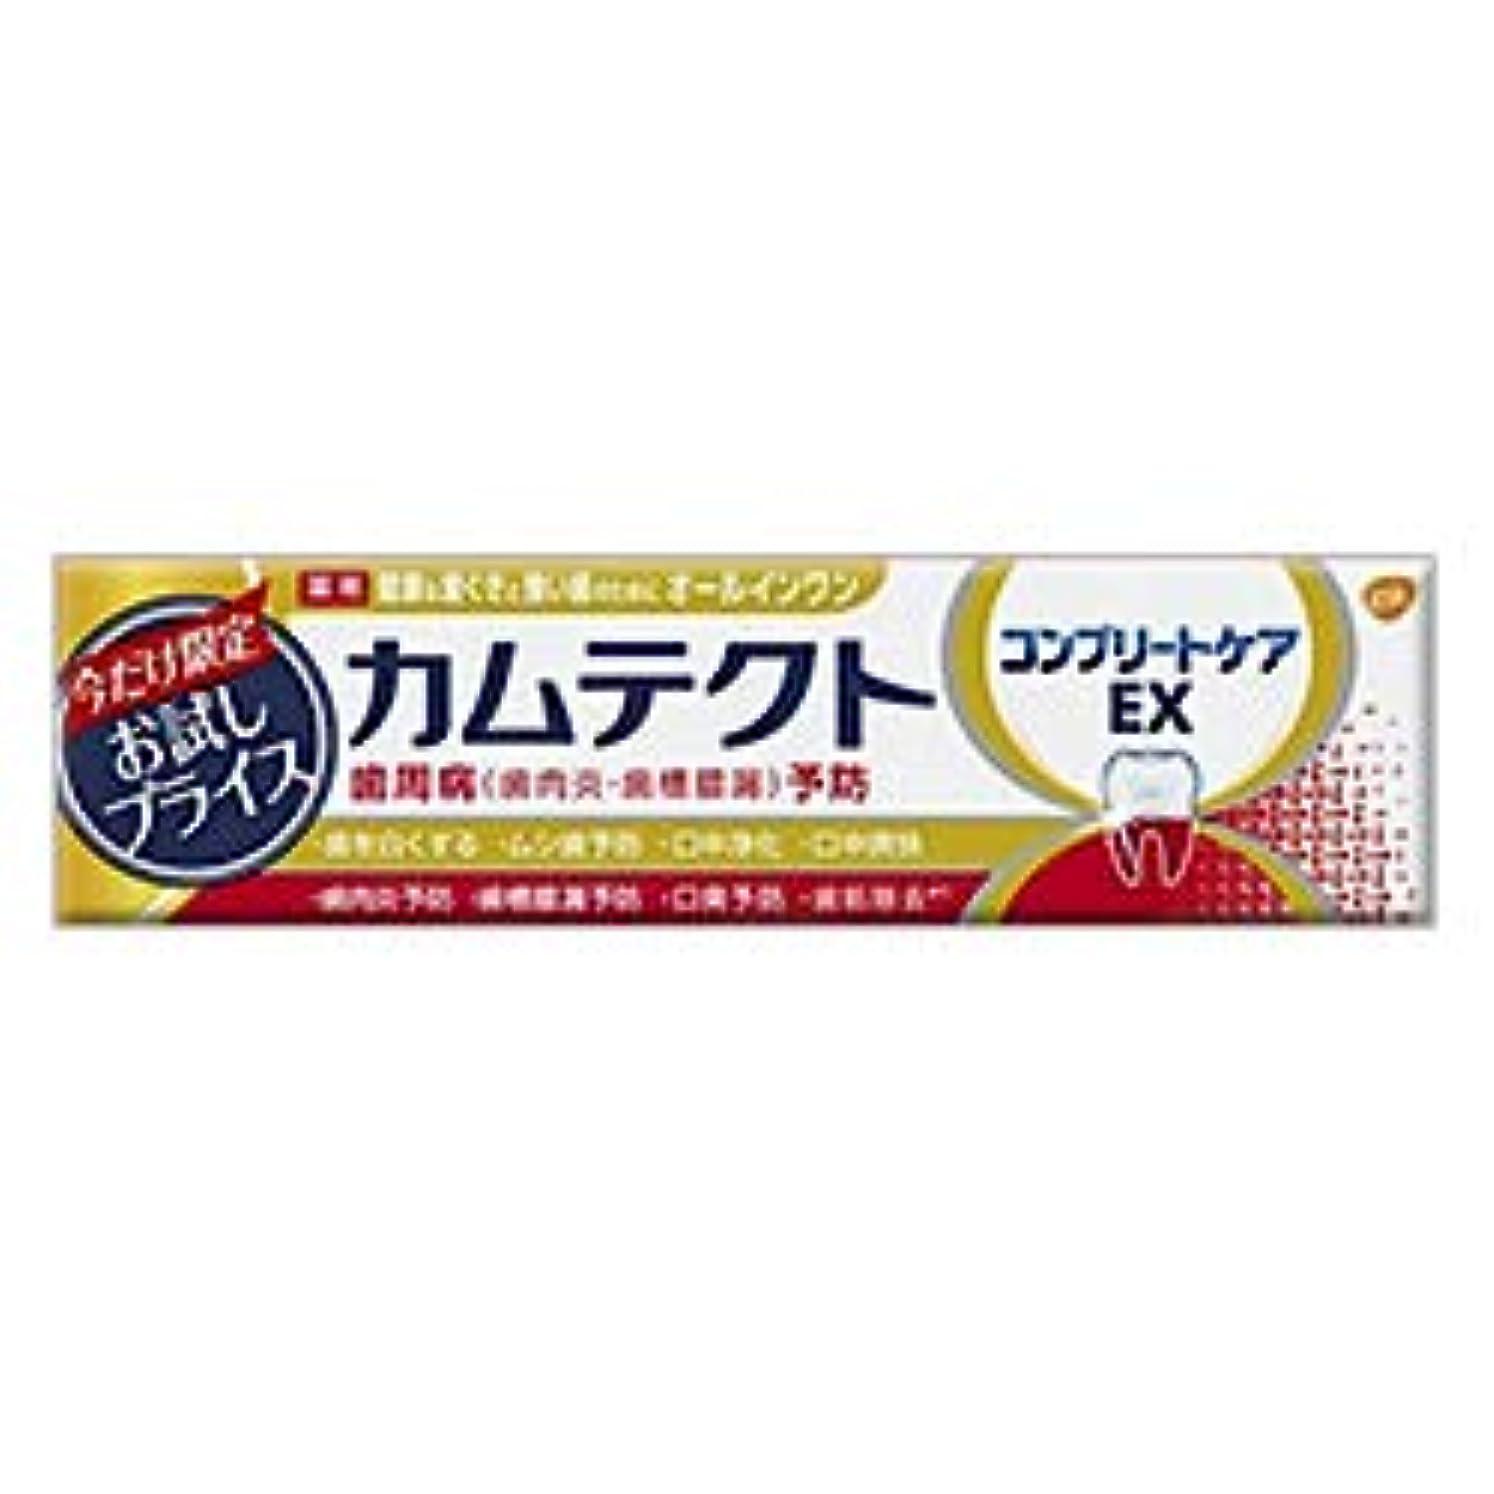 【アース製薬】カムテクト コンプリートケアEX 限定お試し版 95g [医薬部外品] ×3個セット